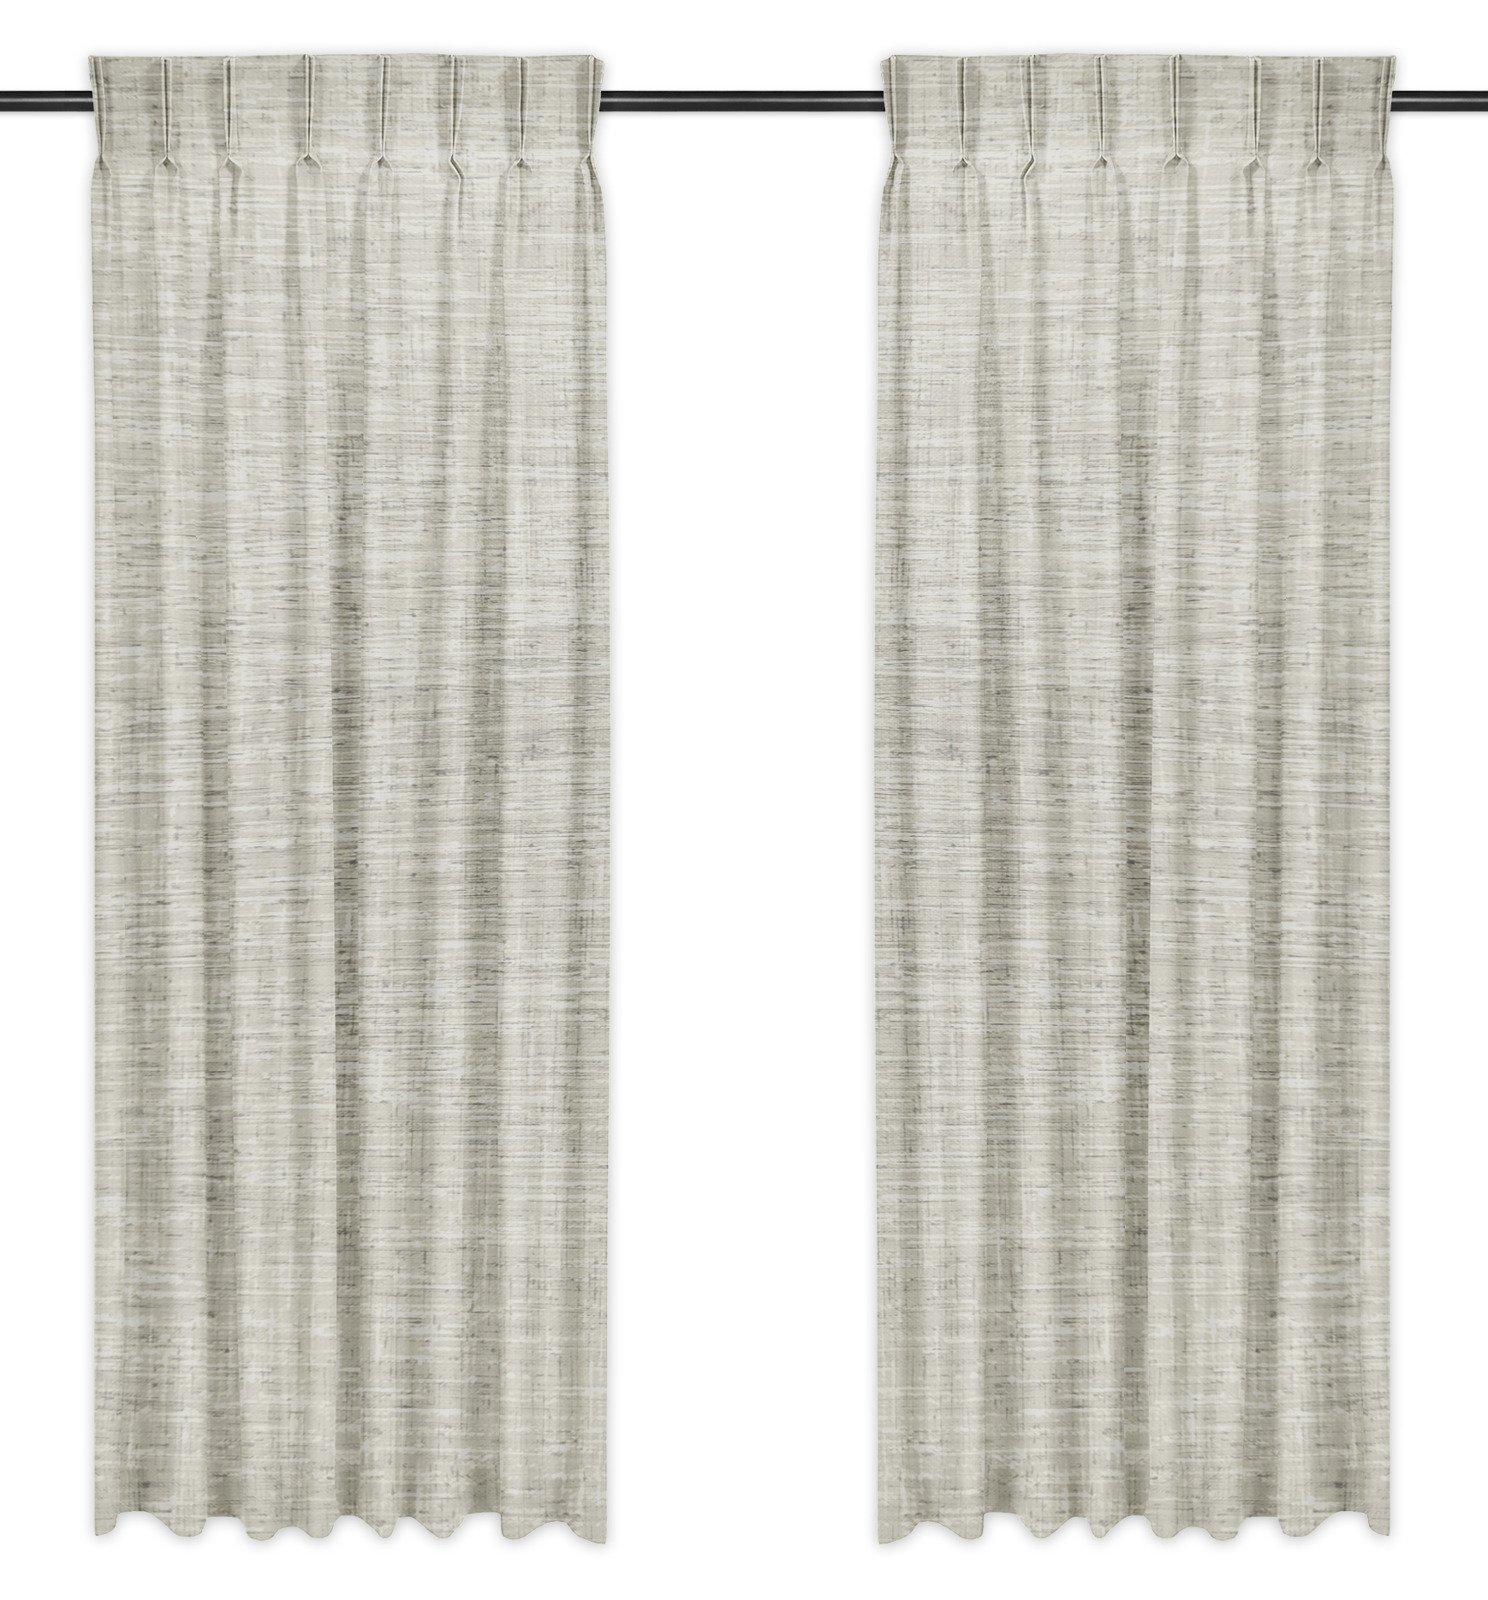 Full Size of Vorhänge Vorhang Fleii Gravis 14 Vorhnge Faltenband Küche Schlafzimmer Wohnzimmer Wohnzimmer Vorhänge